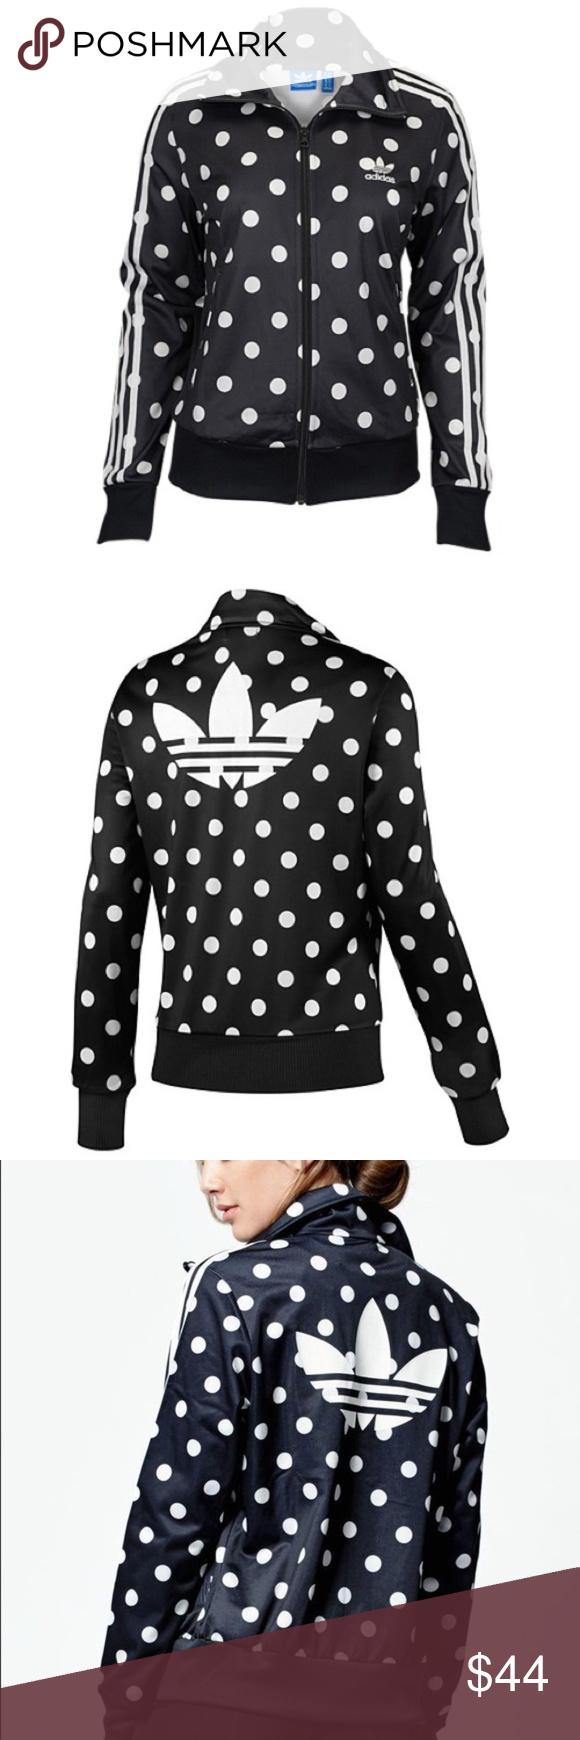 Condición previa Evolucionar Regresa  Adidas Firebird TT Rare Polka Dot Track Jacket A rare hard to find adidas  originals firebird track jacket with polka d… | Clothes design, Track  jackets, How to wear